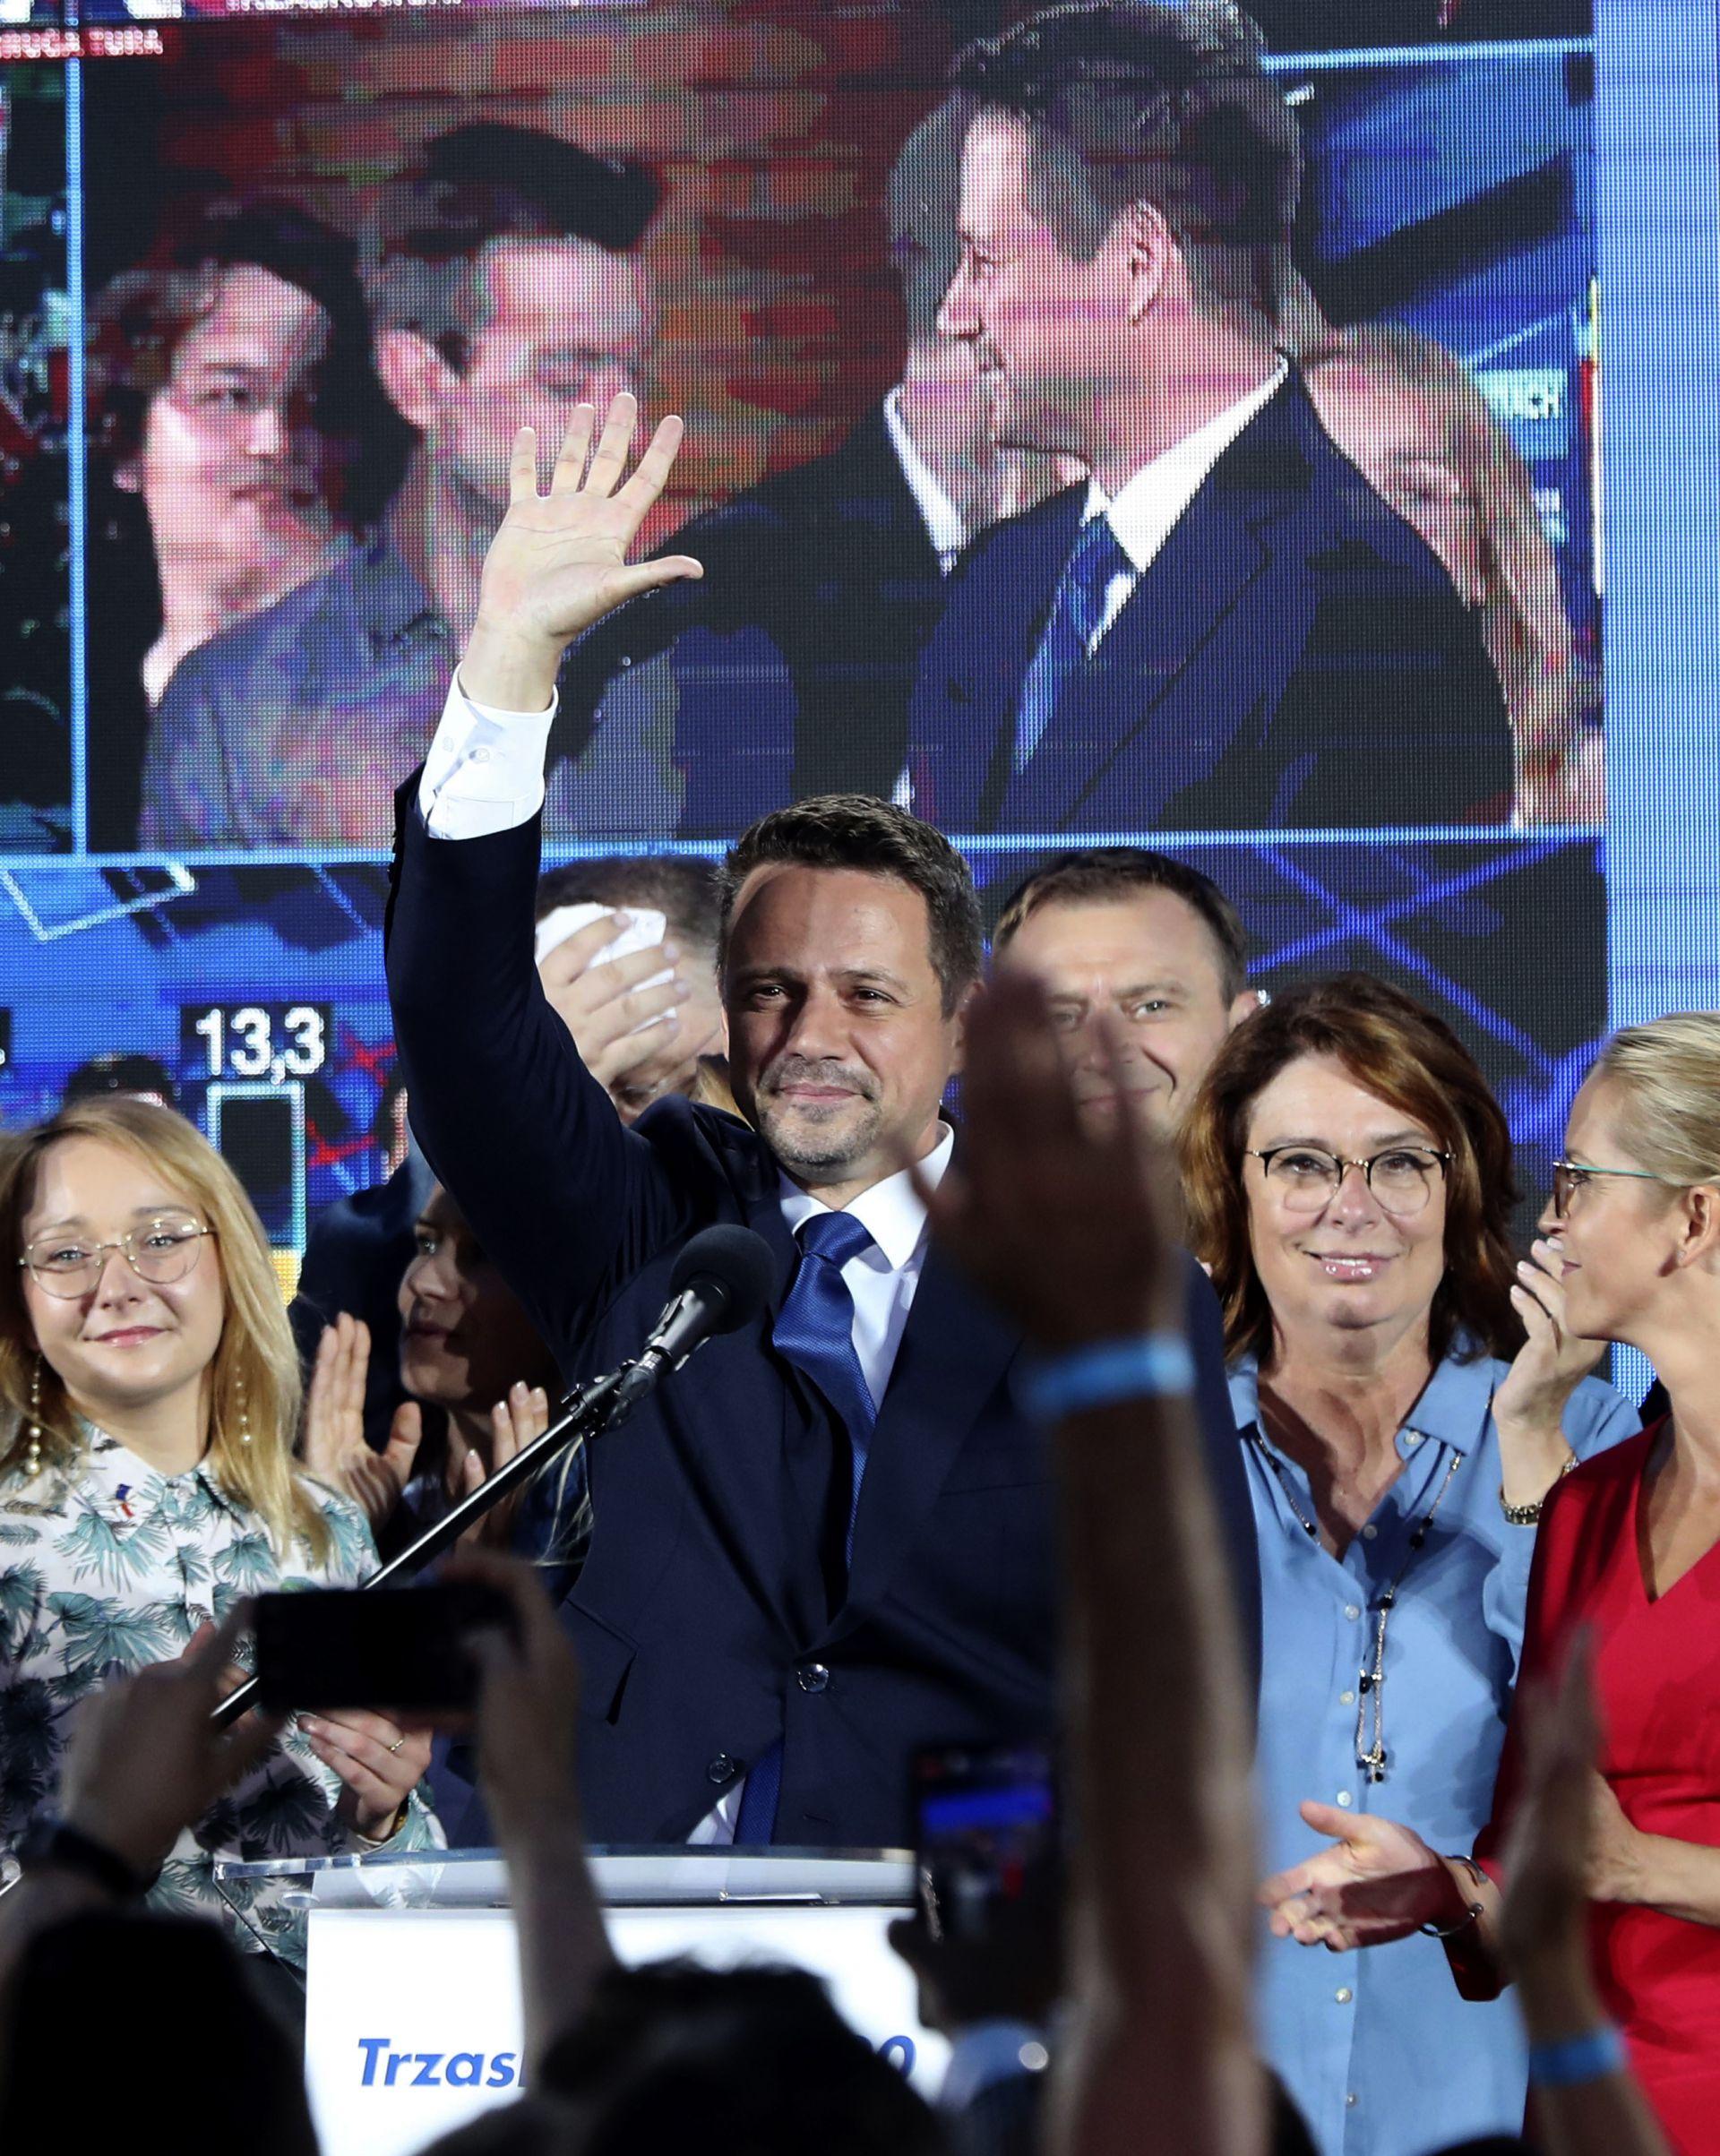 Кметът на Варшава Рафал Тшасковски печели 30% от вота